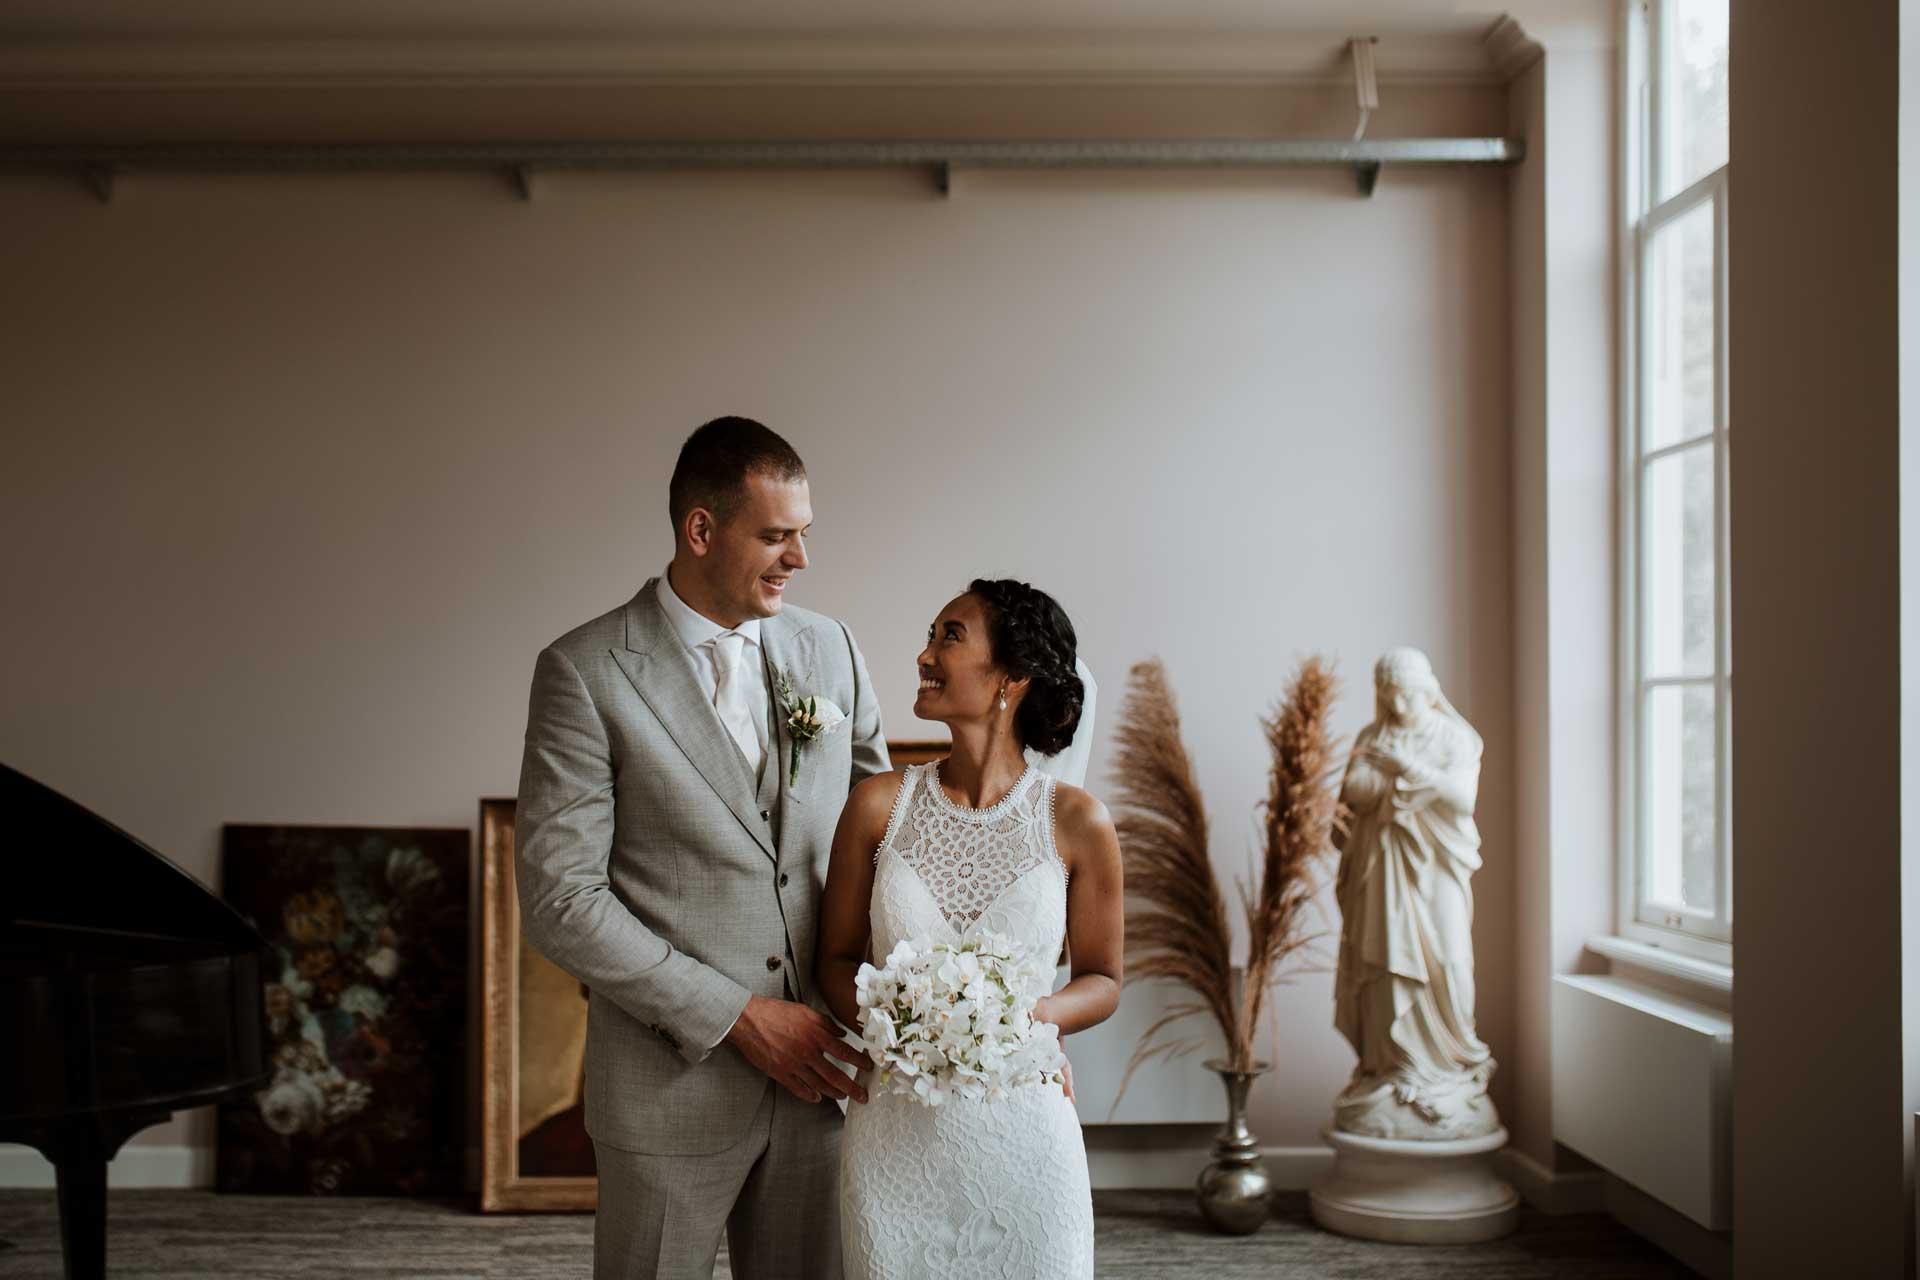 Spontane trouwfotografie in Den Haag tijdens een strandbruiloft bij beachclub Titus, trouwfoto's bij Villa Ockenburg